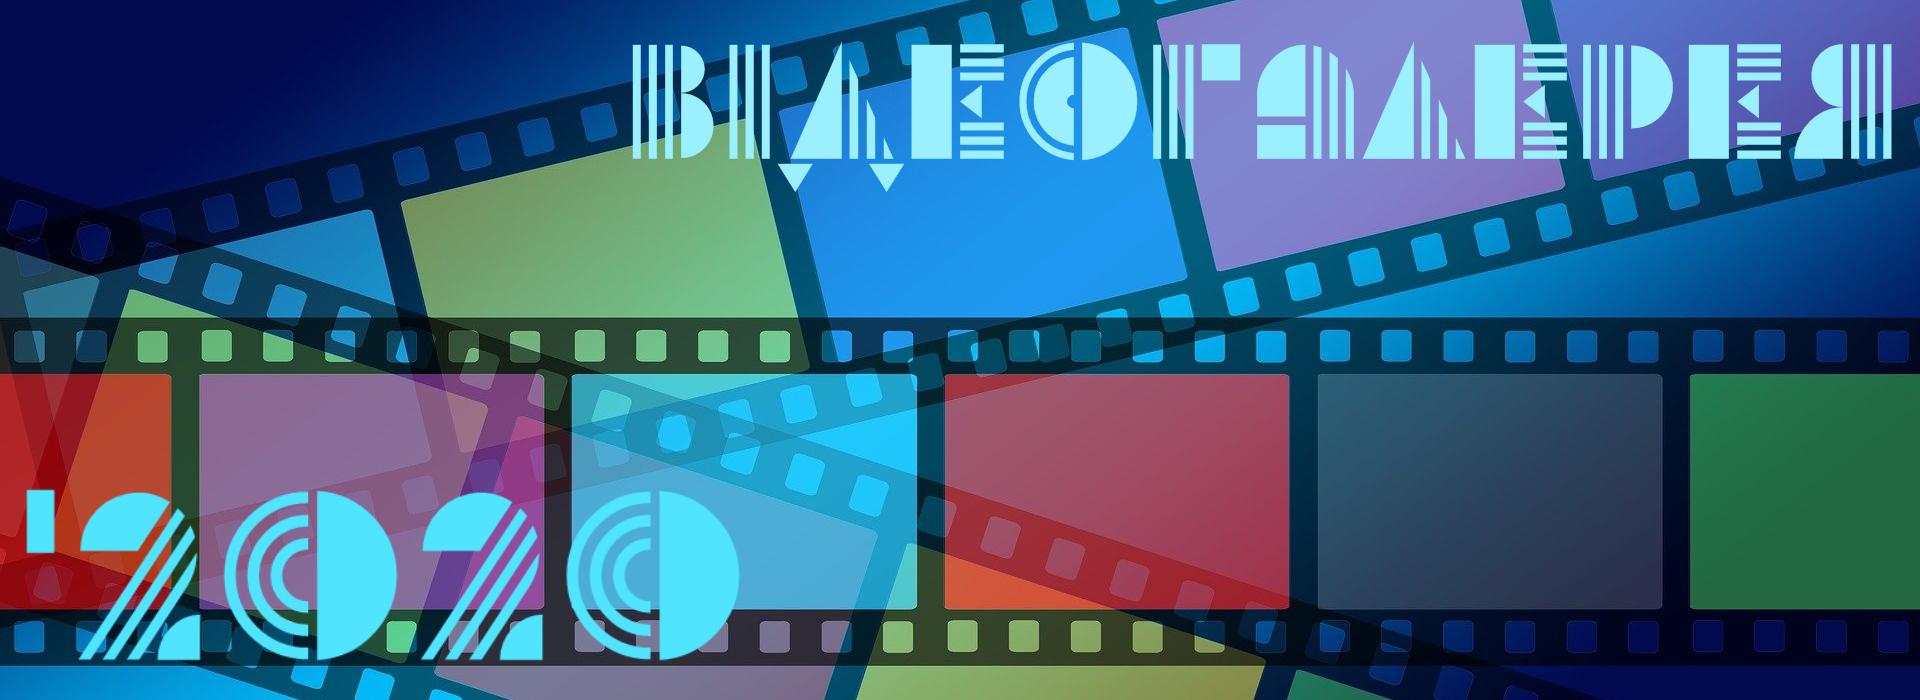 відеогалерея 2020 2